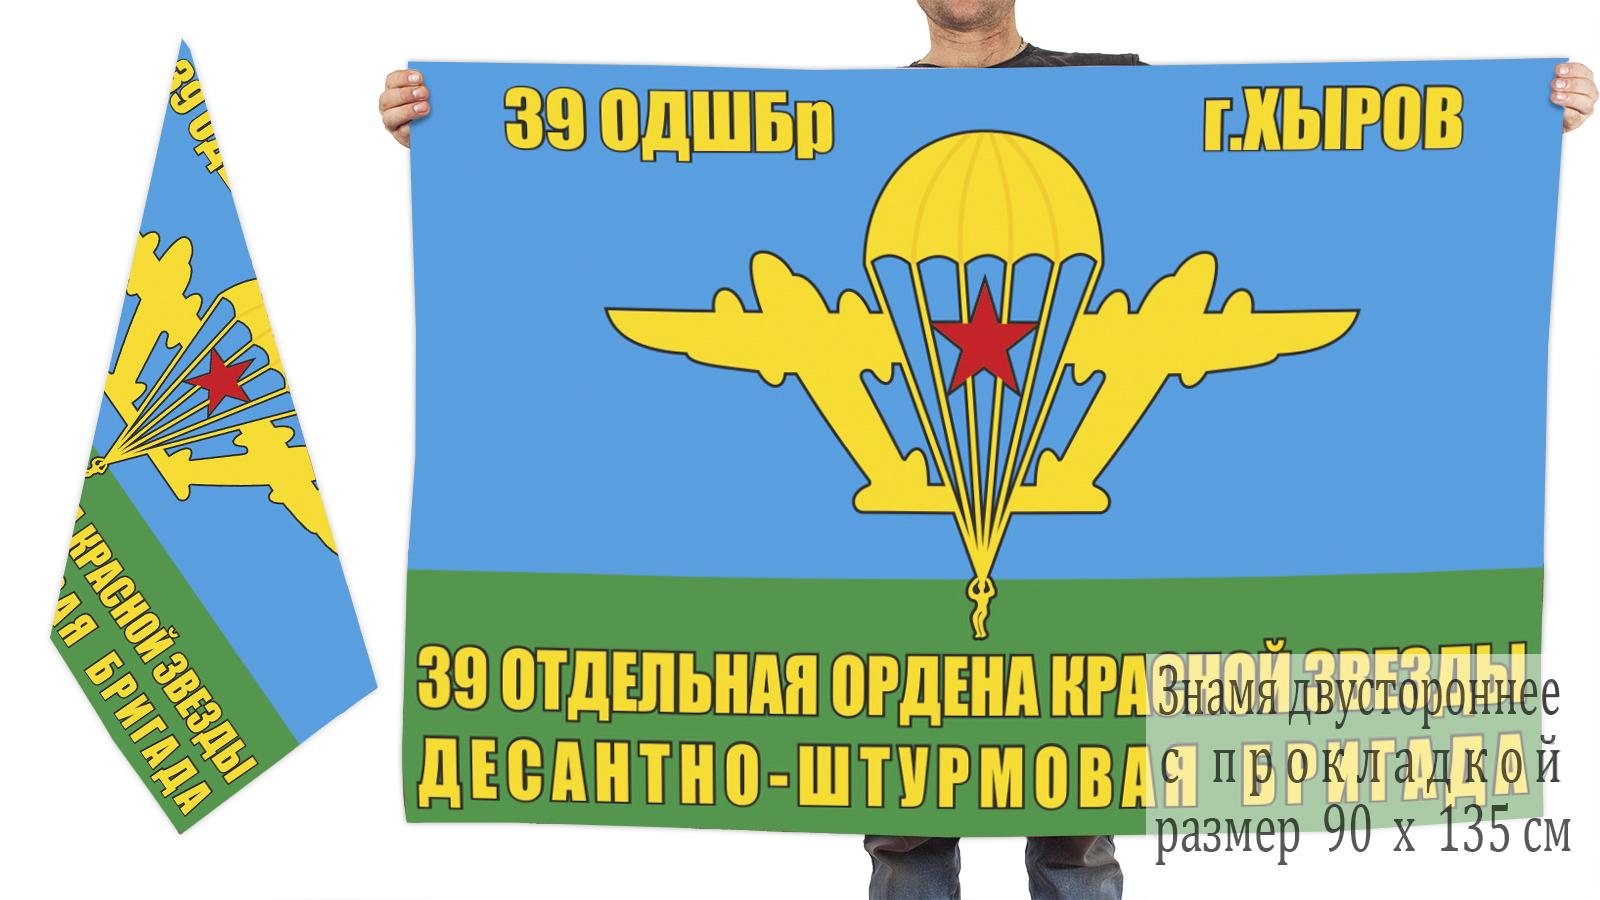 Двусторонний флаг 39 ОДШБр г. Хыров